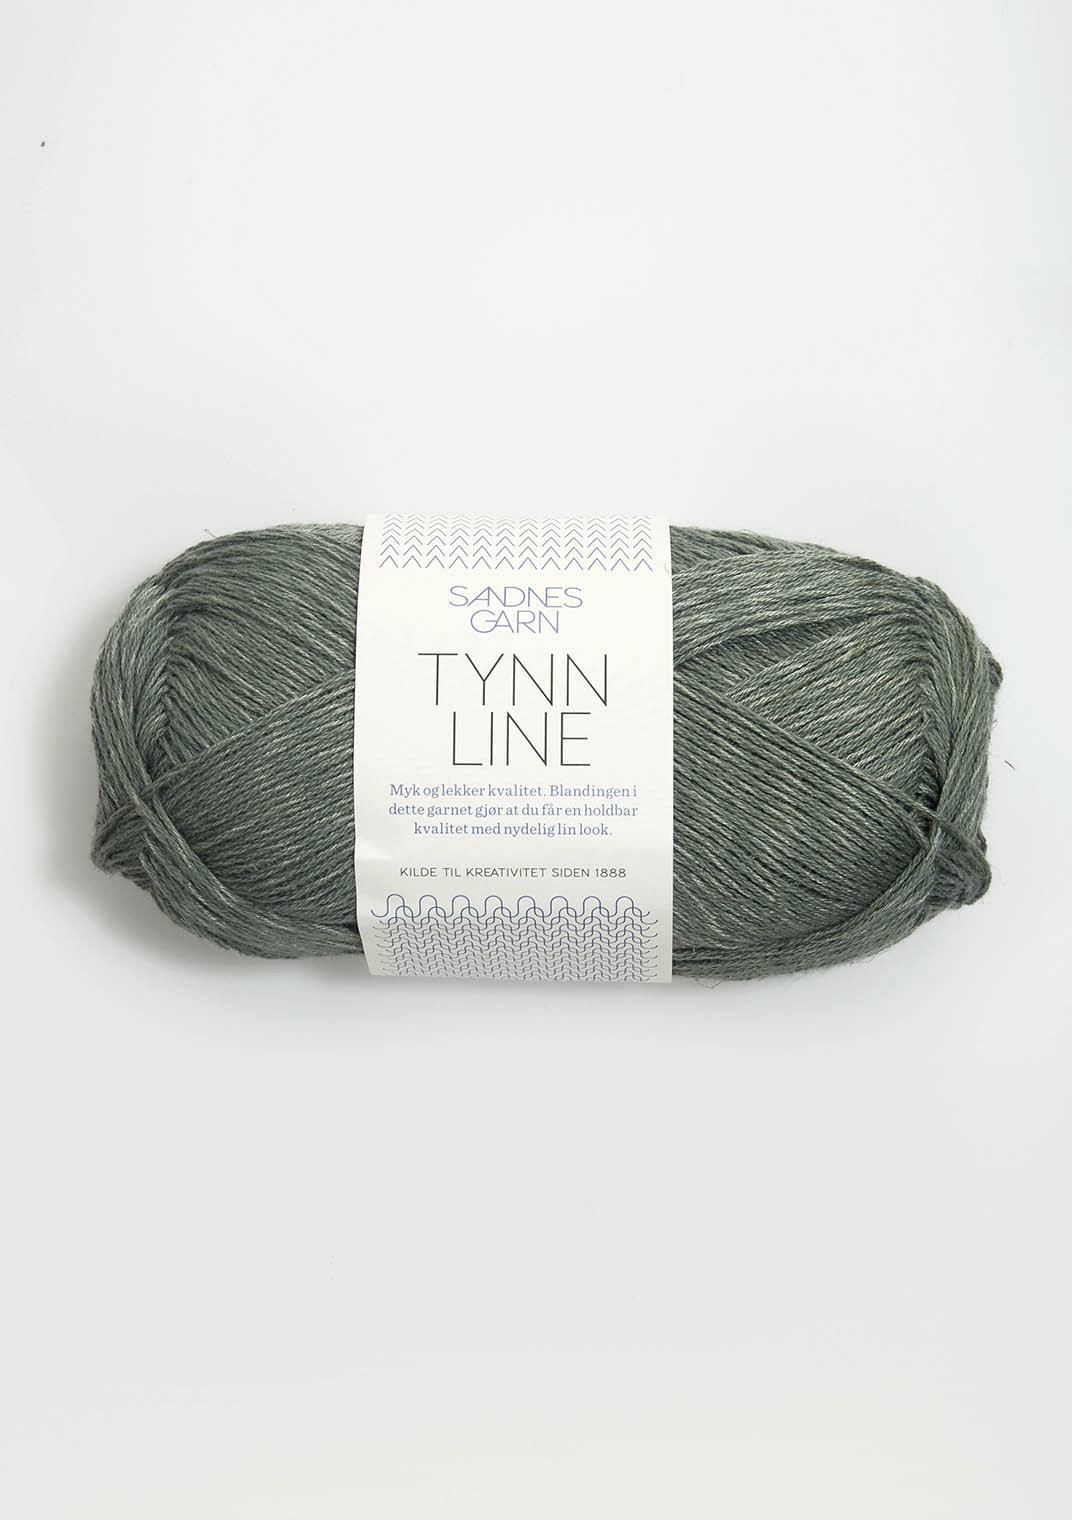 Sandnes Tynn line 8561 grön